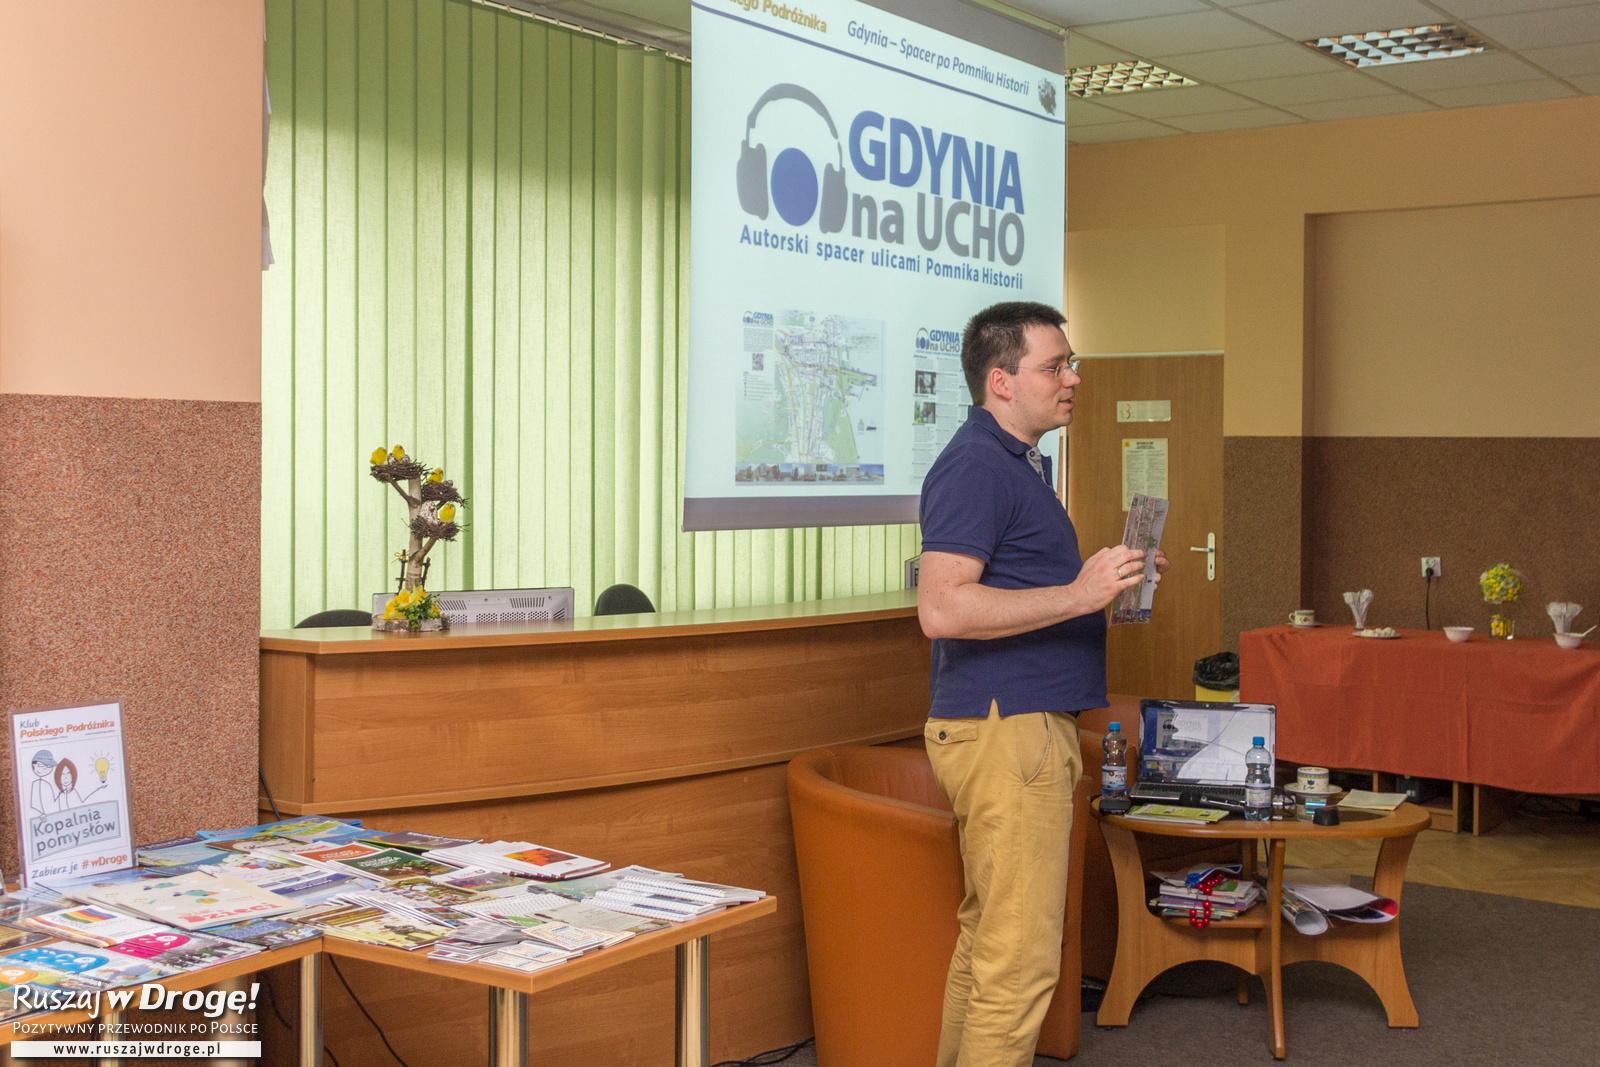 Audioprzewodnik Gdynia na ucho